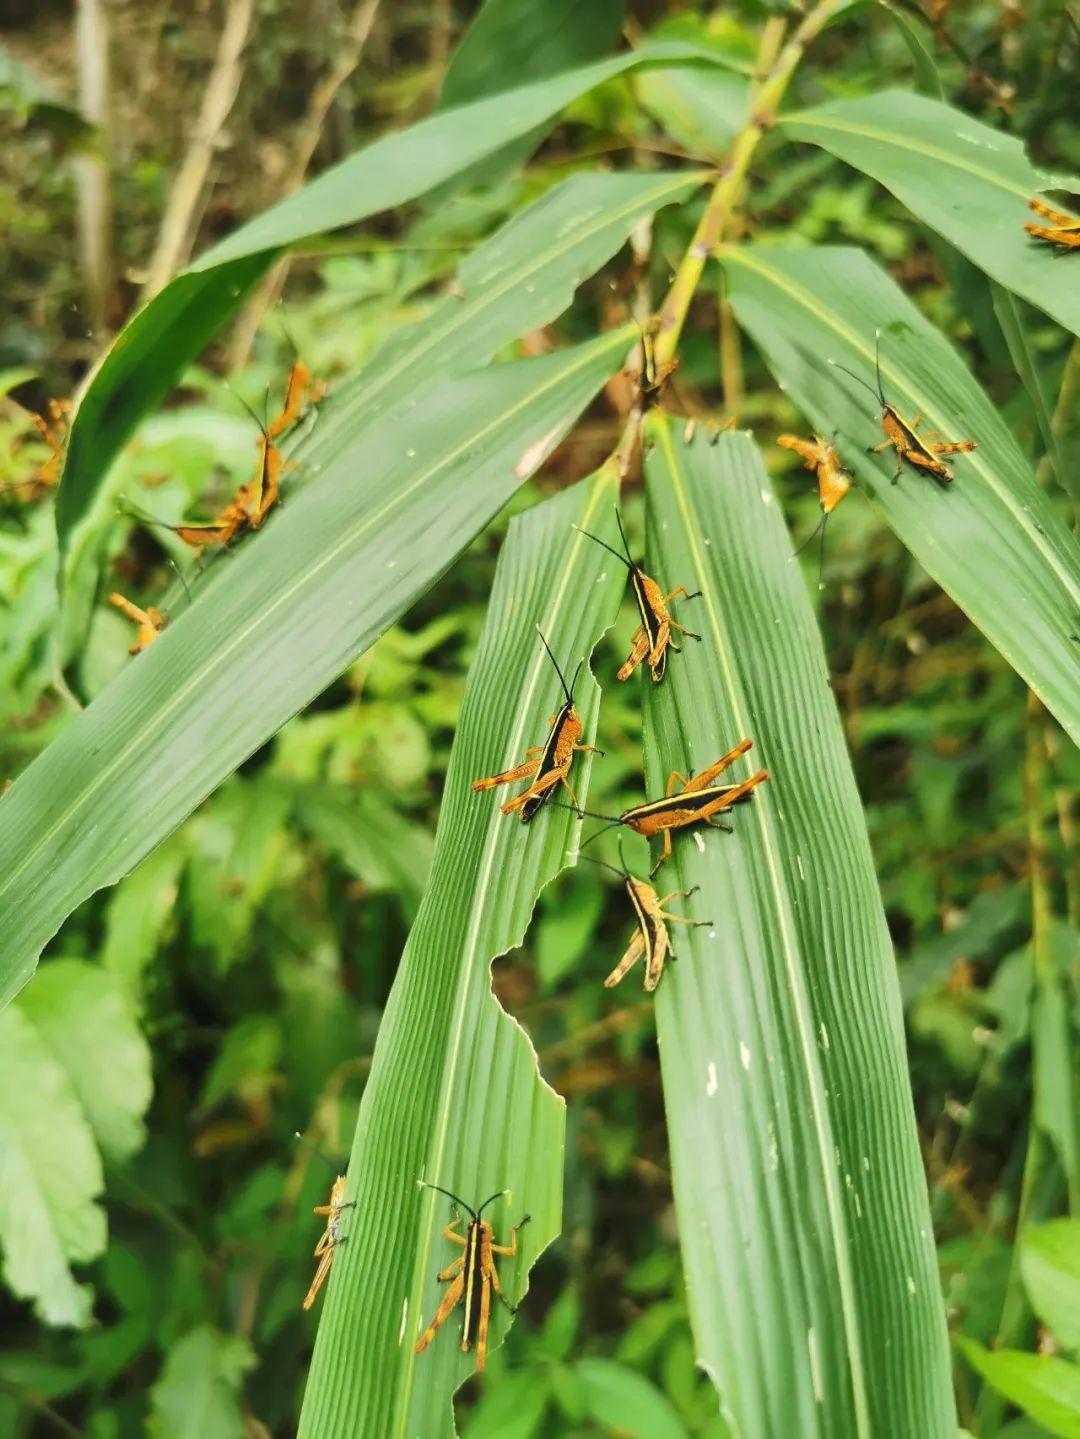 摩臣2官网代理,有效控制竹蝗成虫迁入图片